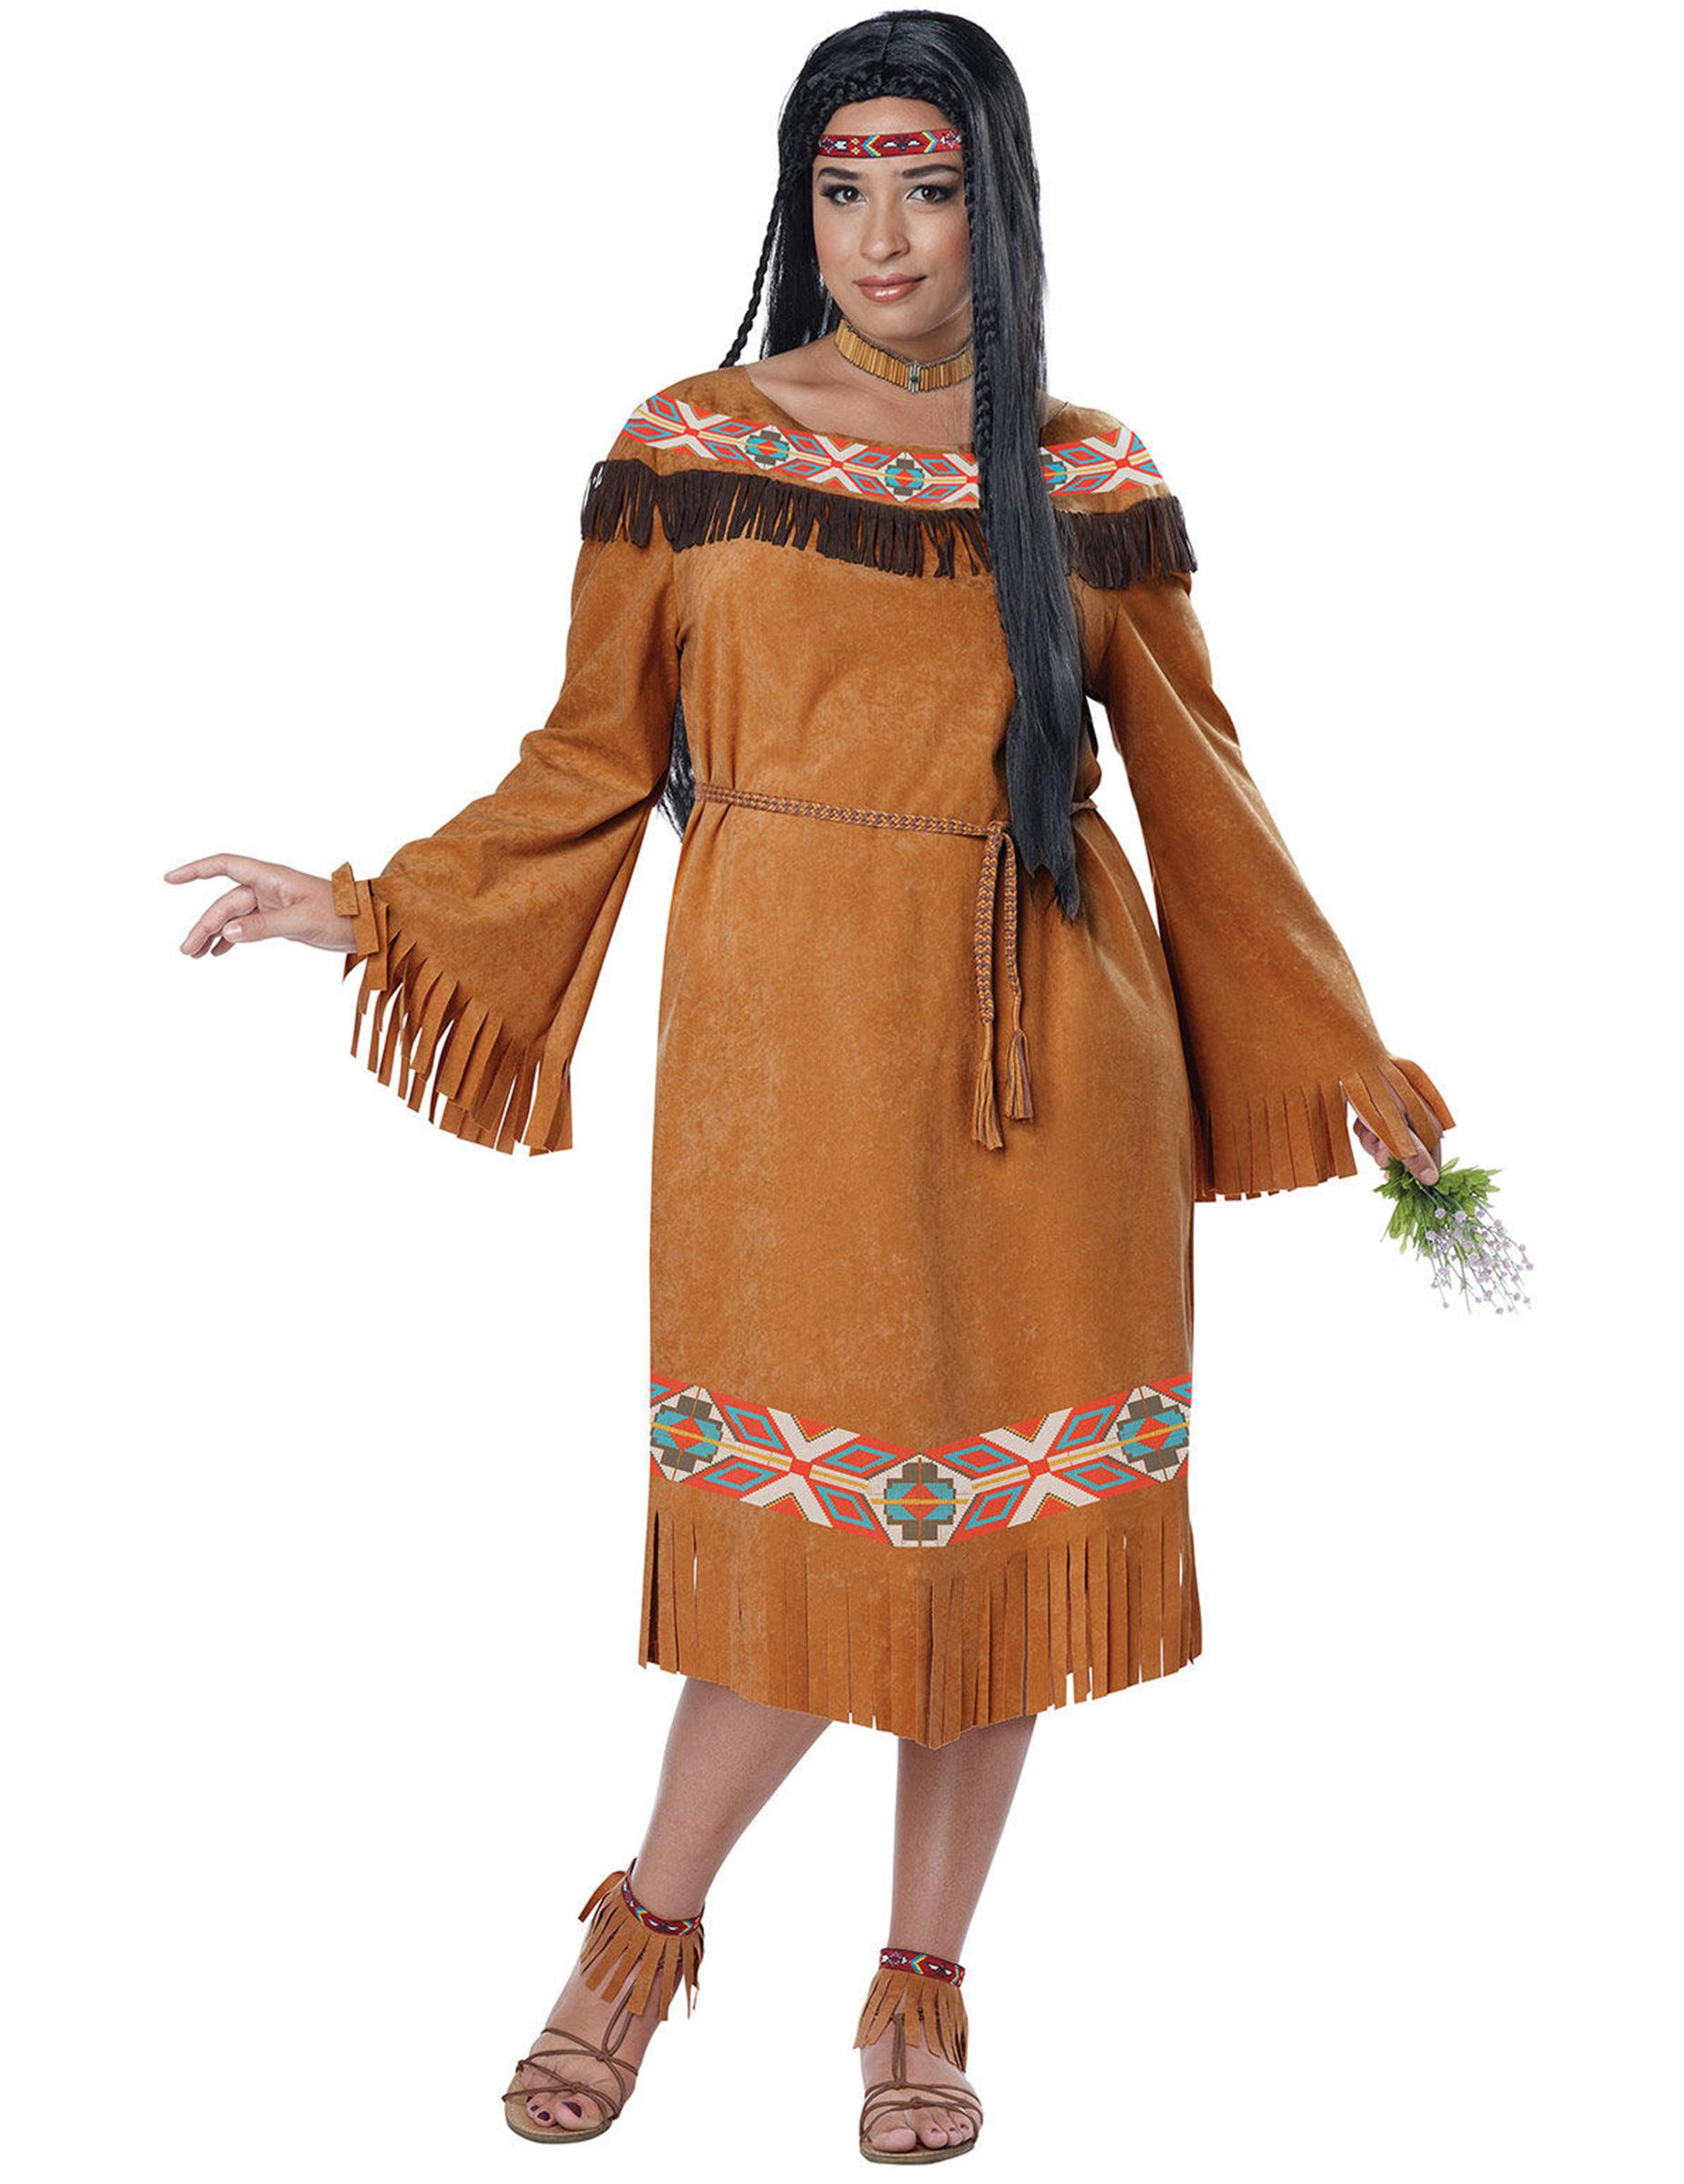 indianer kost m braun plus size damen kost me f r. Black Bedroom Furniture Sets. Home Design Ideas